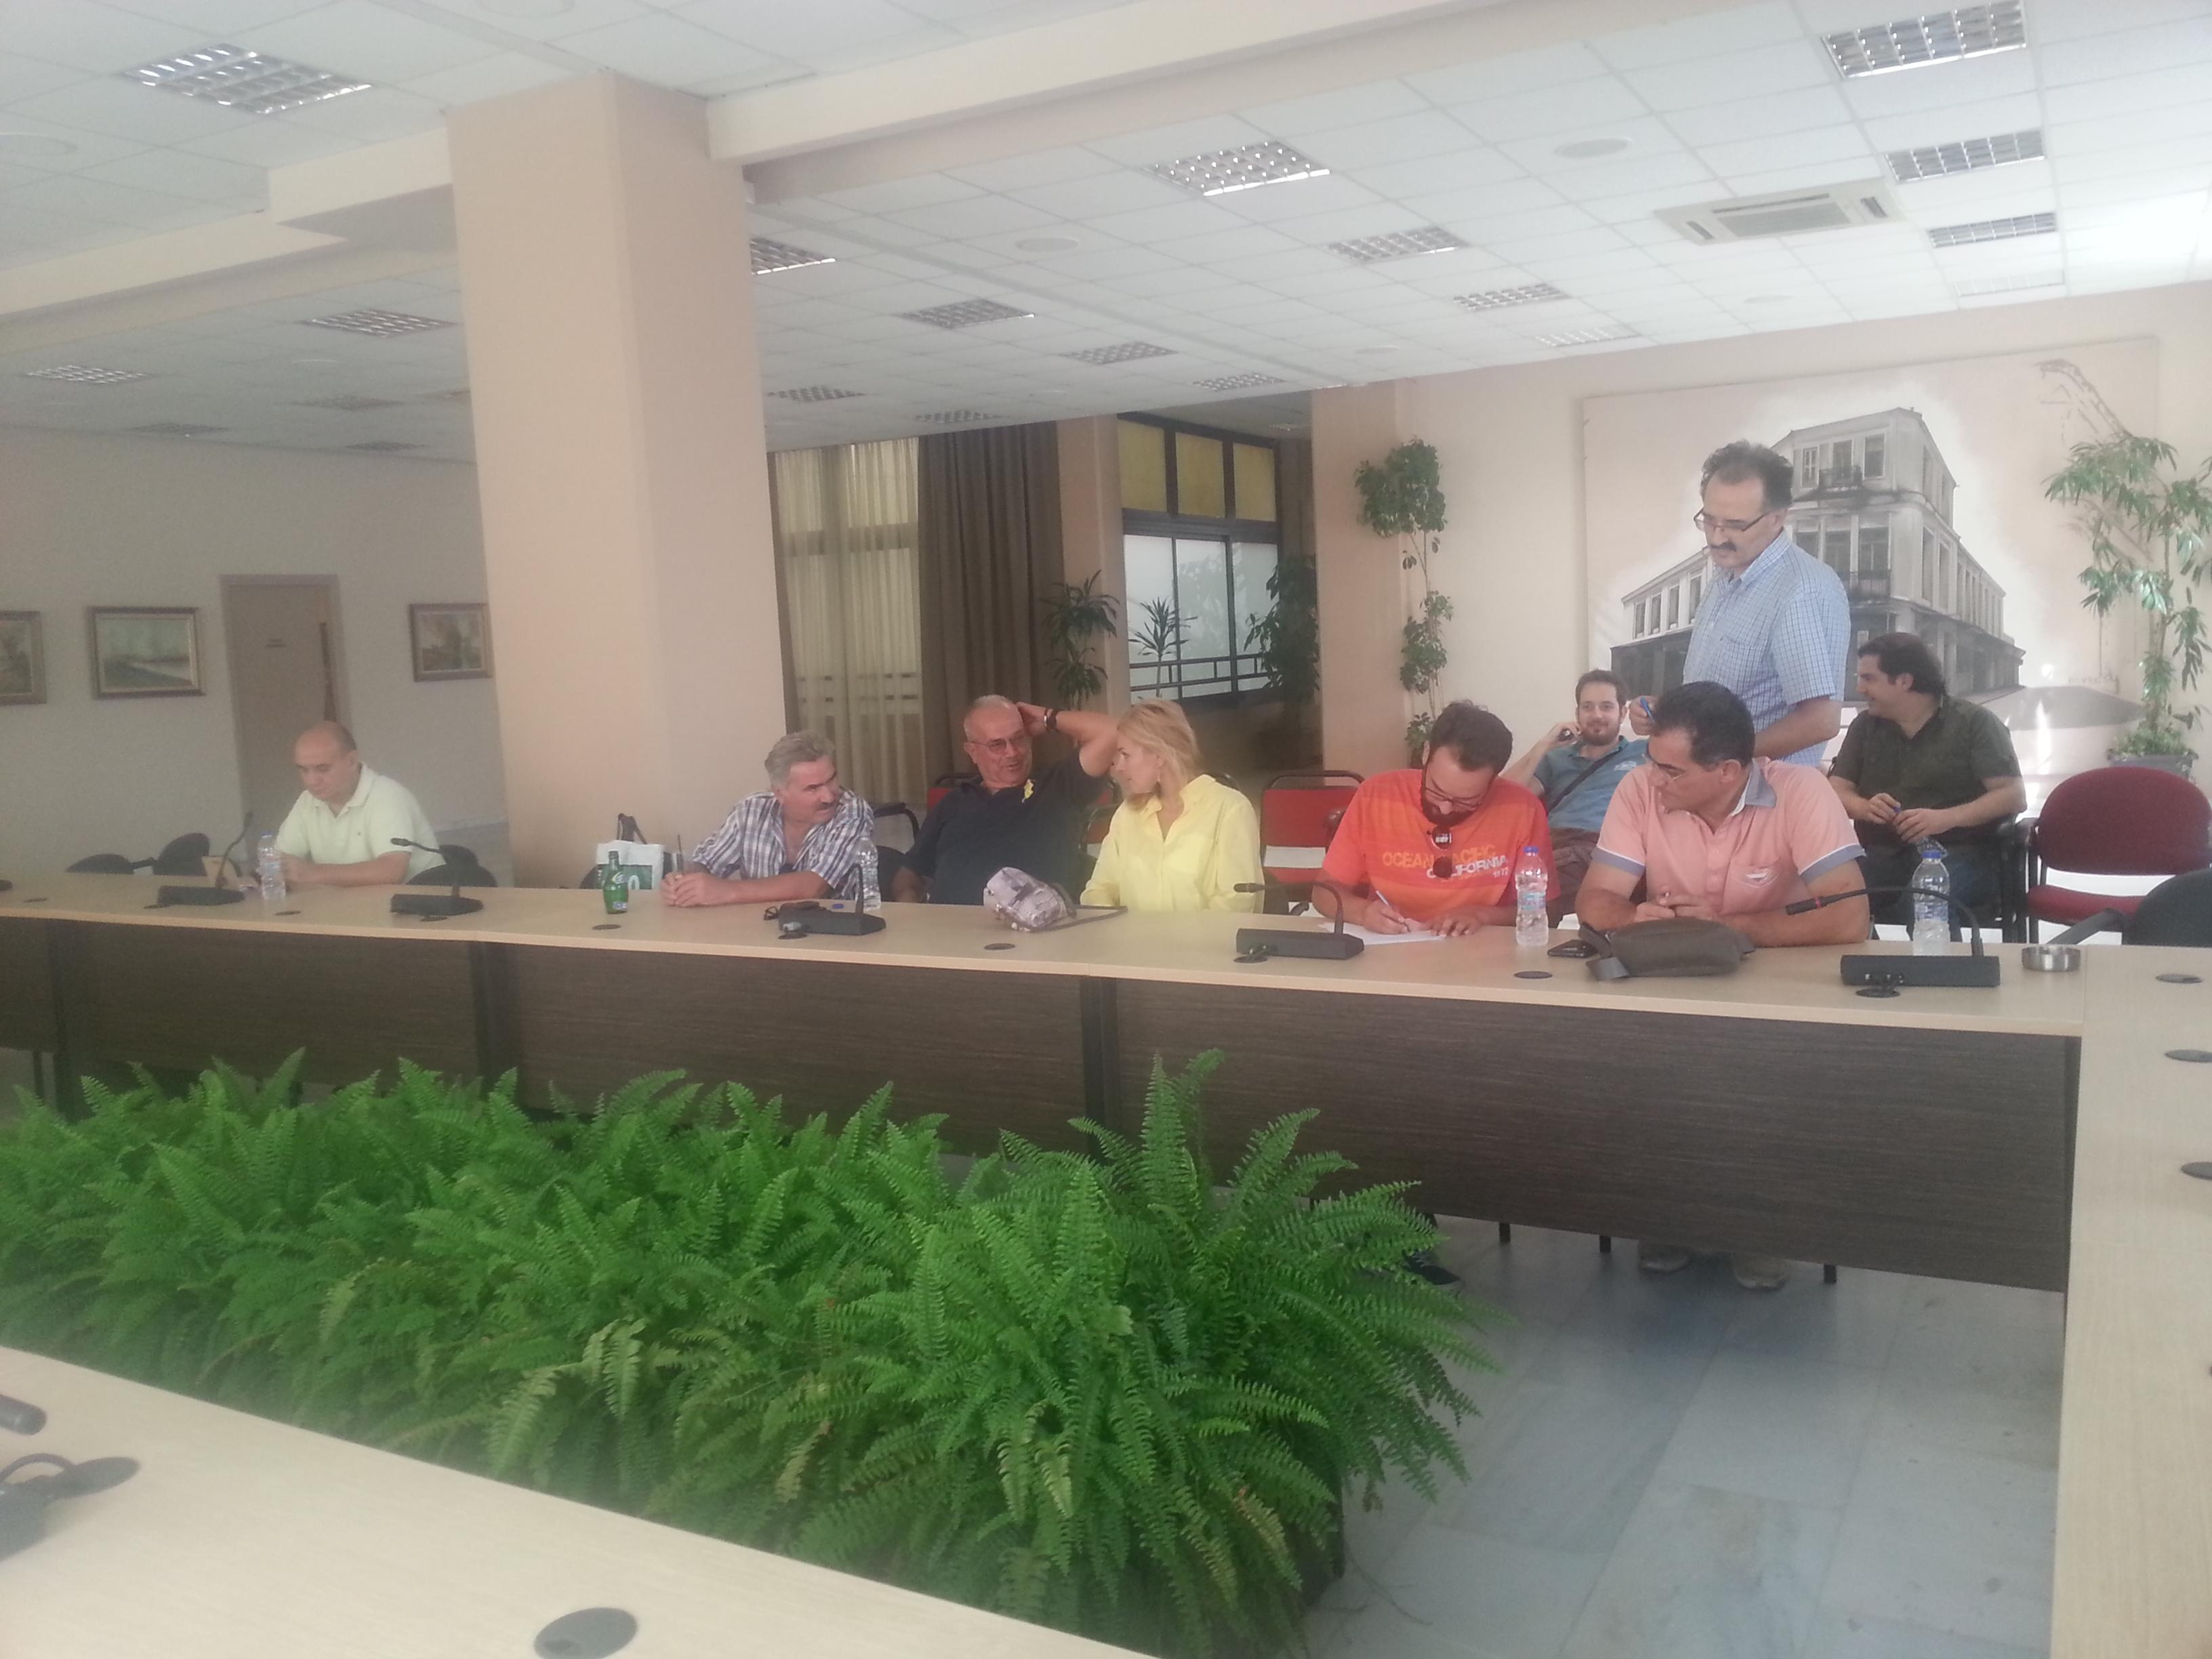 Συνεδρίασε η Διακομματική Επιτροπή στο Δήμο Κατερίνης